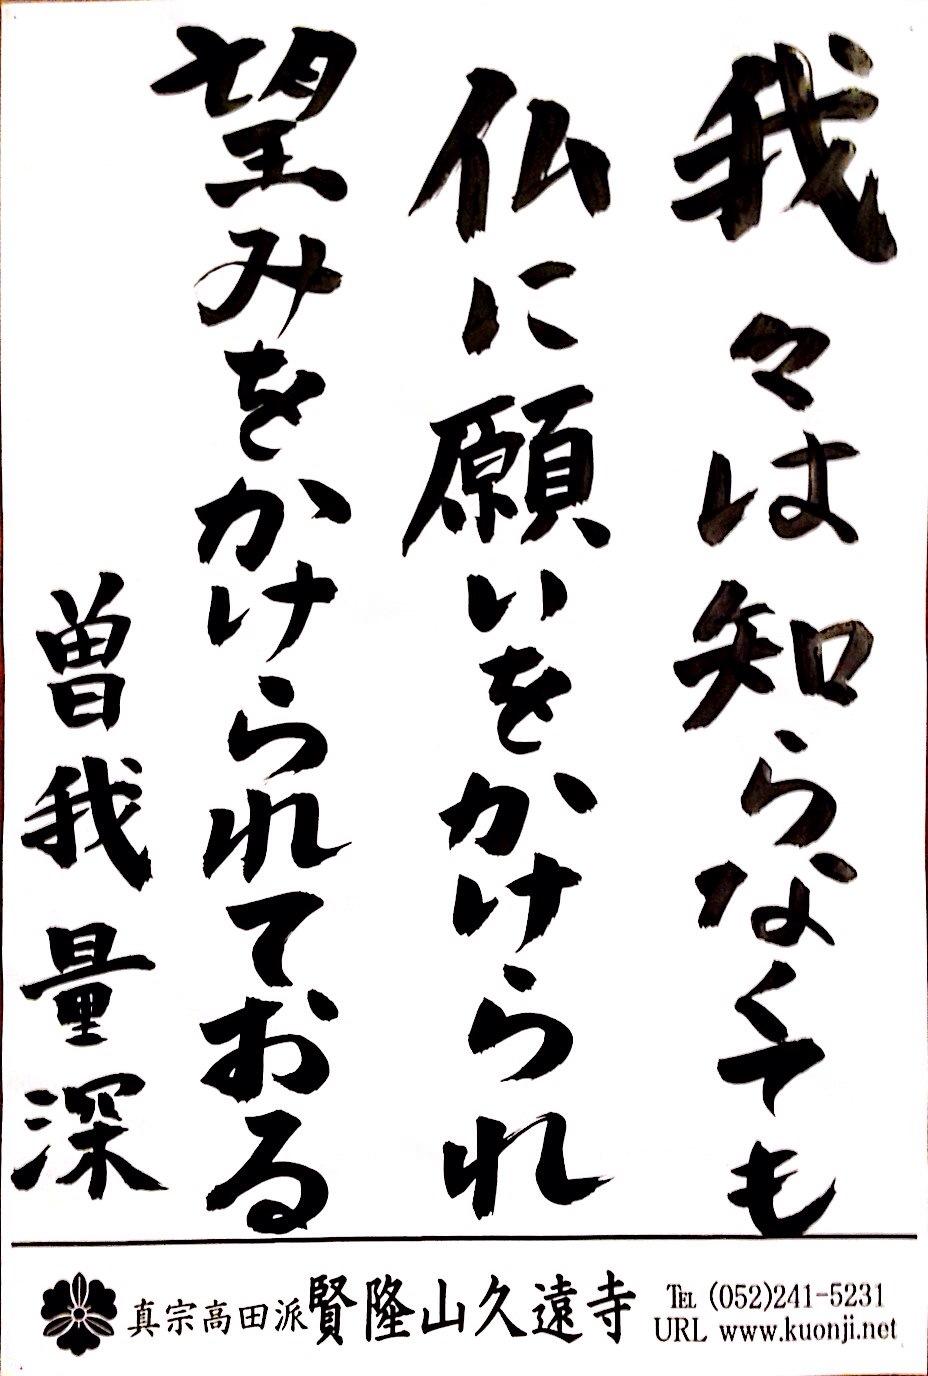 20131026 曽我量深